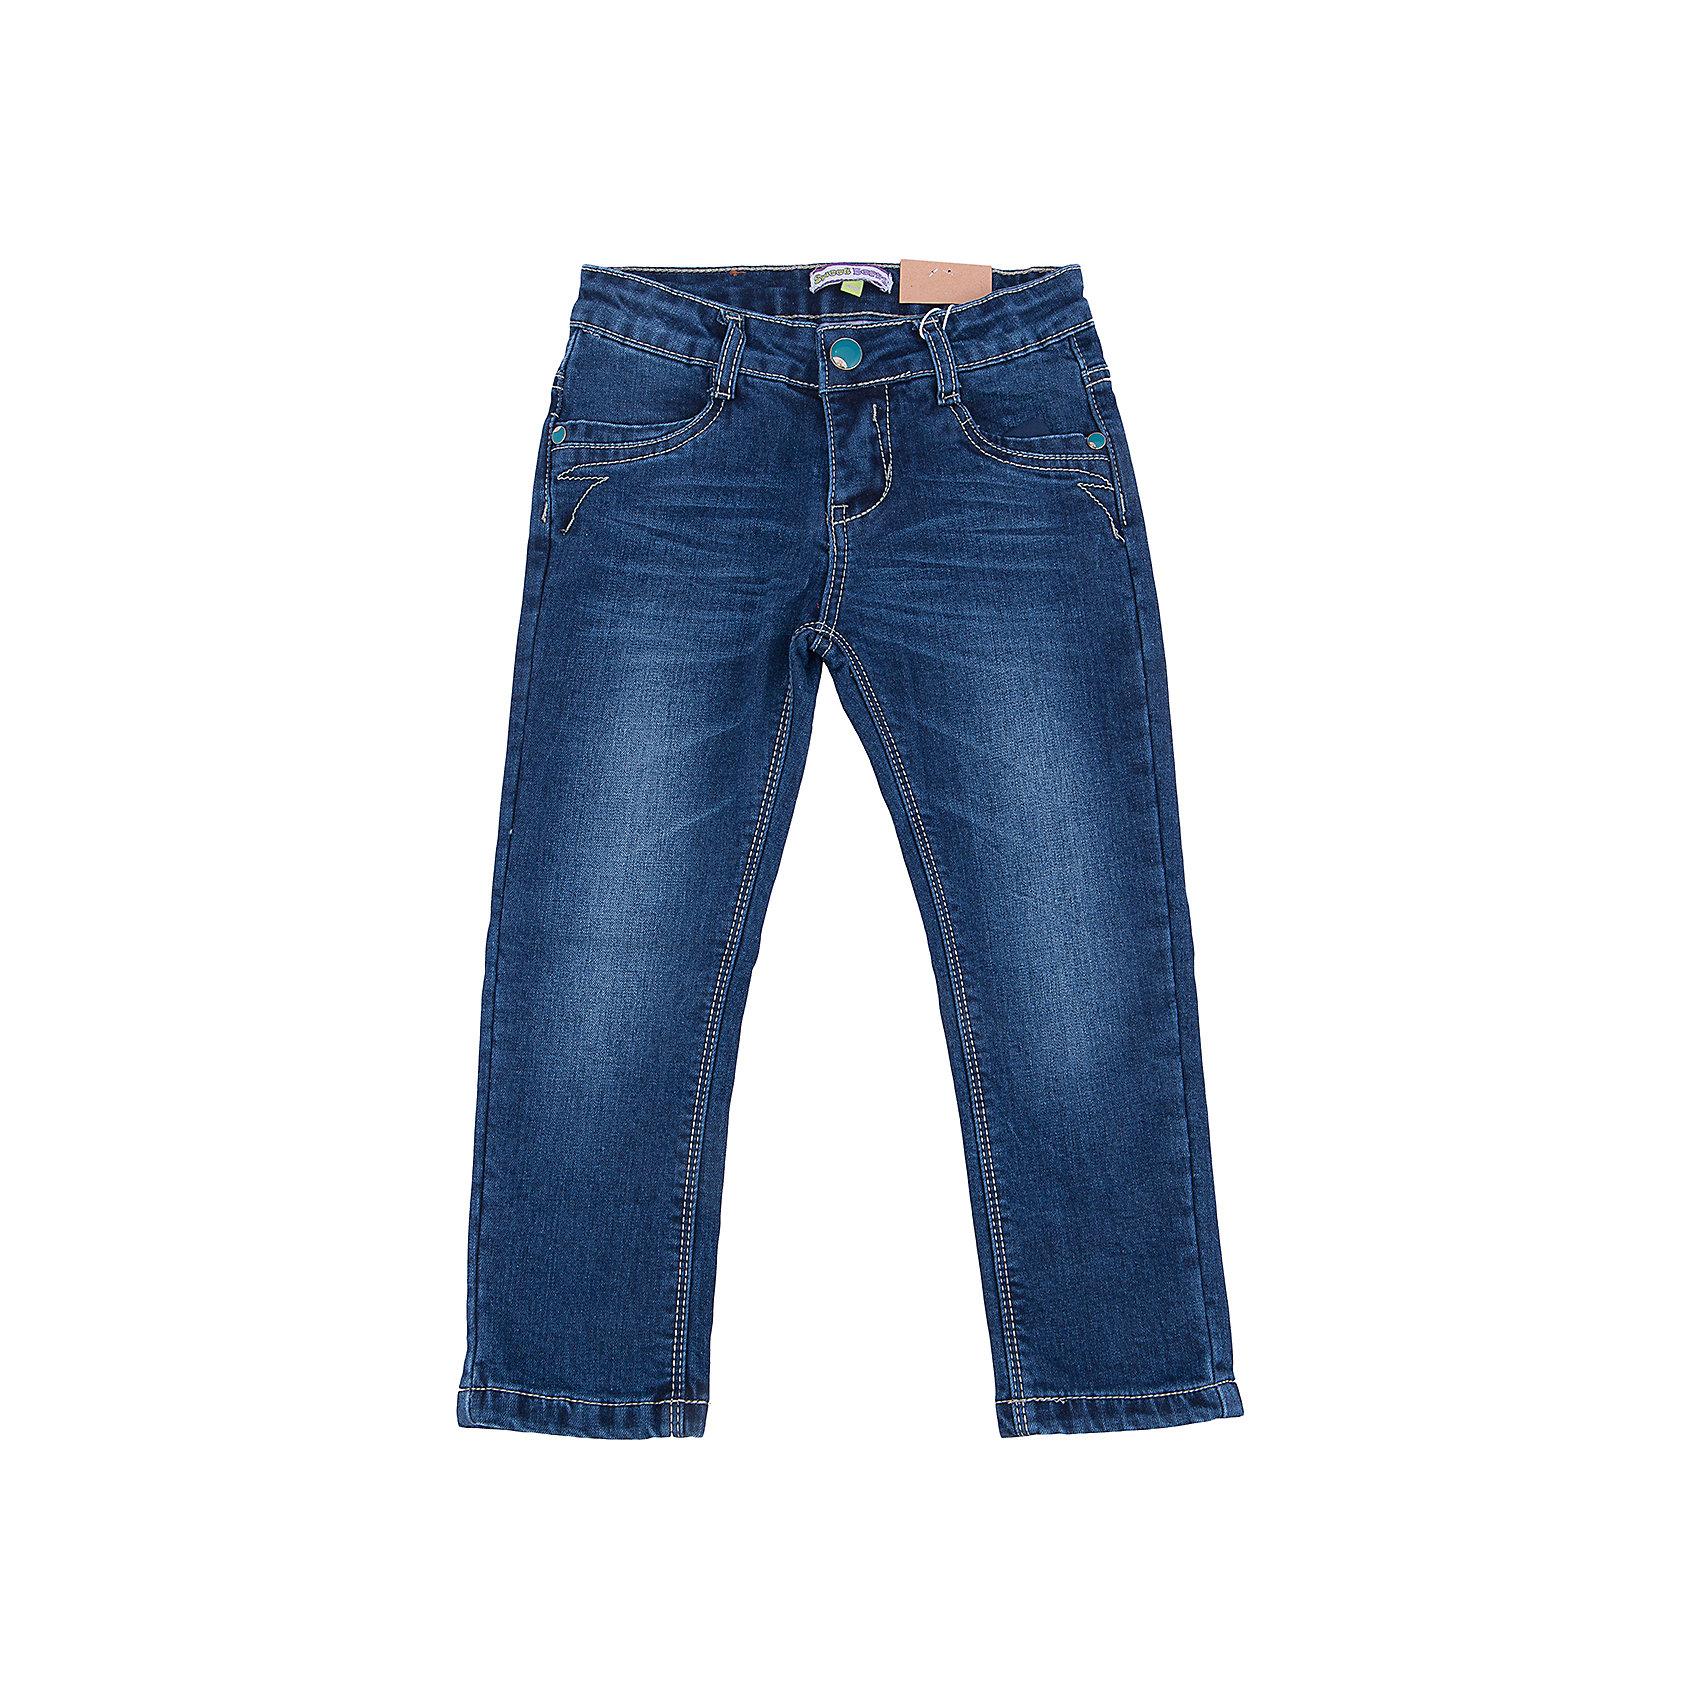 Джинсы для девочки Sweet BerryДжинсы<br>Такая модель джинсов для девочки отличается модным дизайном с контрастной прострочкой и потертостями. Удачный крой обеспечит ребенку комфорт и тепло. Мягкая подкладка делает вещь идеальной для повседневного ношения. Она плотно прилегает к телу там, где нужно, и отлично сидит по фигуре. Джинсы имеют удобный пояс с регулировкой внутри. Натуральный хлопок обеспечит коже возможность дышать и не вызовет аллергии.<br>Одежда от бренда Sweet Berry - это простой и выгодный способ одеть ребенка удобно и стильно. Всё изделия тщательно проработаны: швы - прочные, материал - качественный, фурнитура - подобранная специально для детей. <br><br>Дополнительная информация:<br><br>цвет: синий;<br>имитация потертостей;<br>материал: верх - 98% хлопок, 2% эластан, подкладка - 100% хлопок;<br>пояс с регулировкой внутри.<br><br>Джинсы для девочки от бренда Sweet Berry можно купить в нашем интернет-магазине.<br><br>Ширина мм: 215<br>Глубина мм: 88<br>Высота мм: 191<br>Вес г: 336<br>Цвет: синий<br>Возраст от месяцев: 24<br>Возраст до месяцев: 36<br>Пол: Женский<br>Возраст: Детский<br>Размер: 98,104,110,116,122,128<br>SKU: 4931567